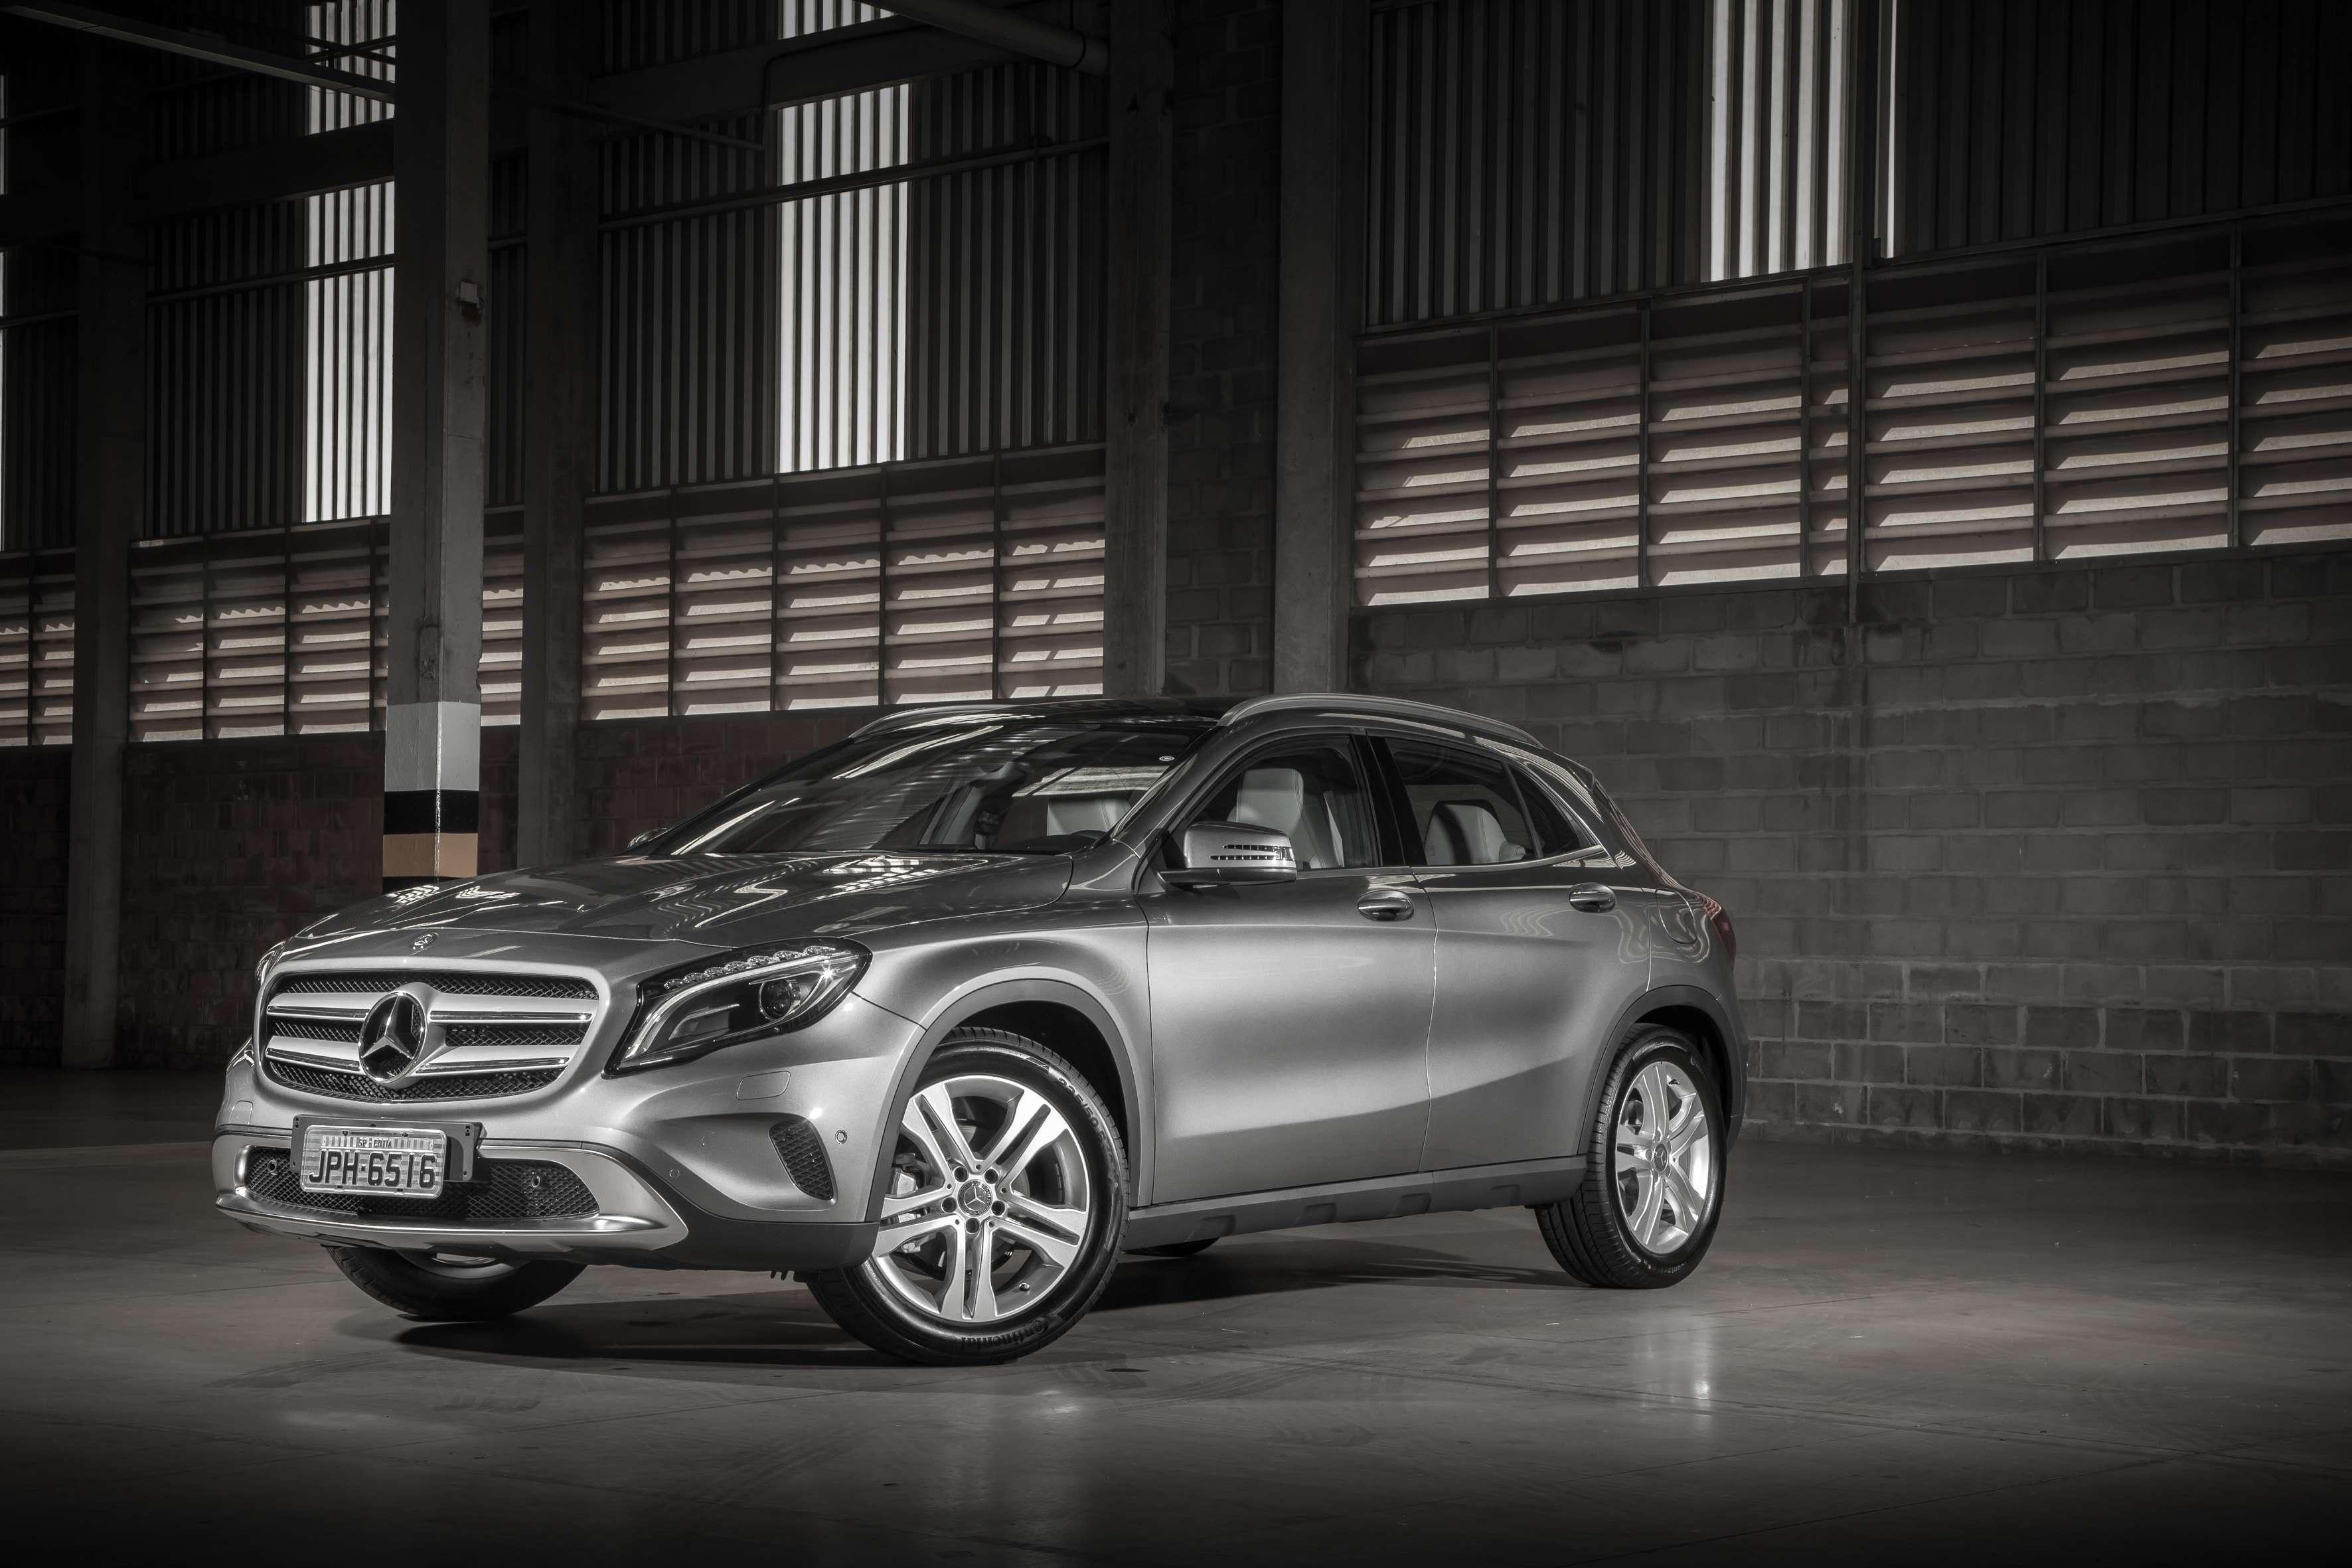 Novo Mercedes GLA 200 Foto: Mercedes-Benz/Divulgação